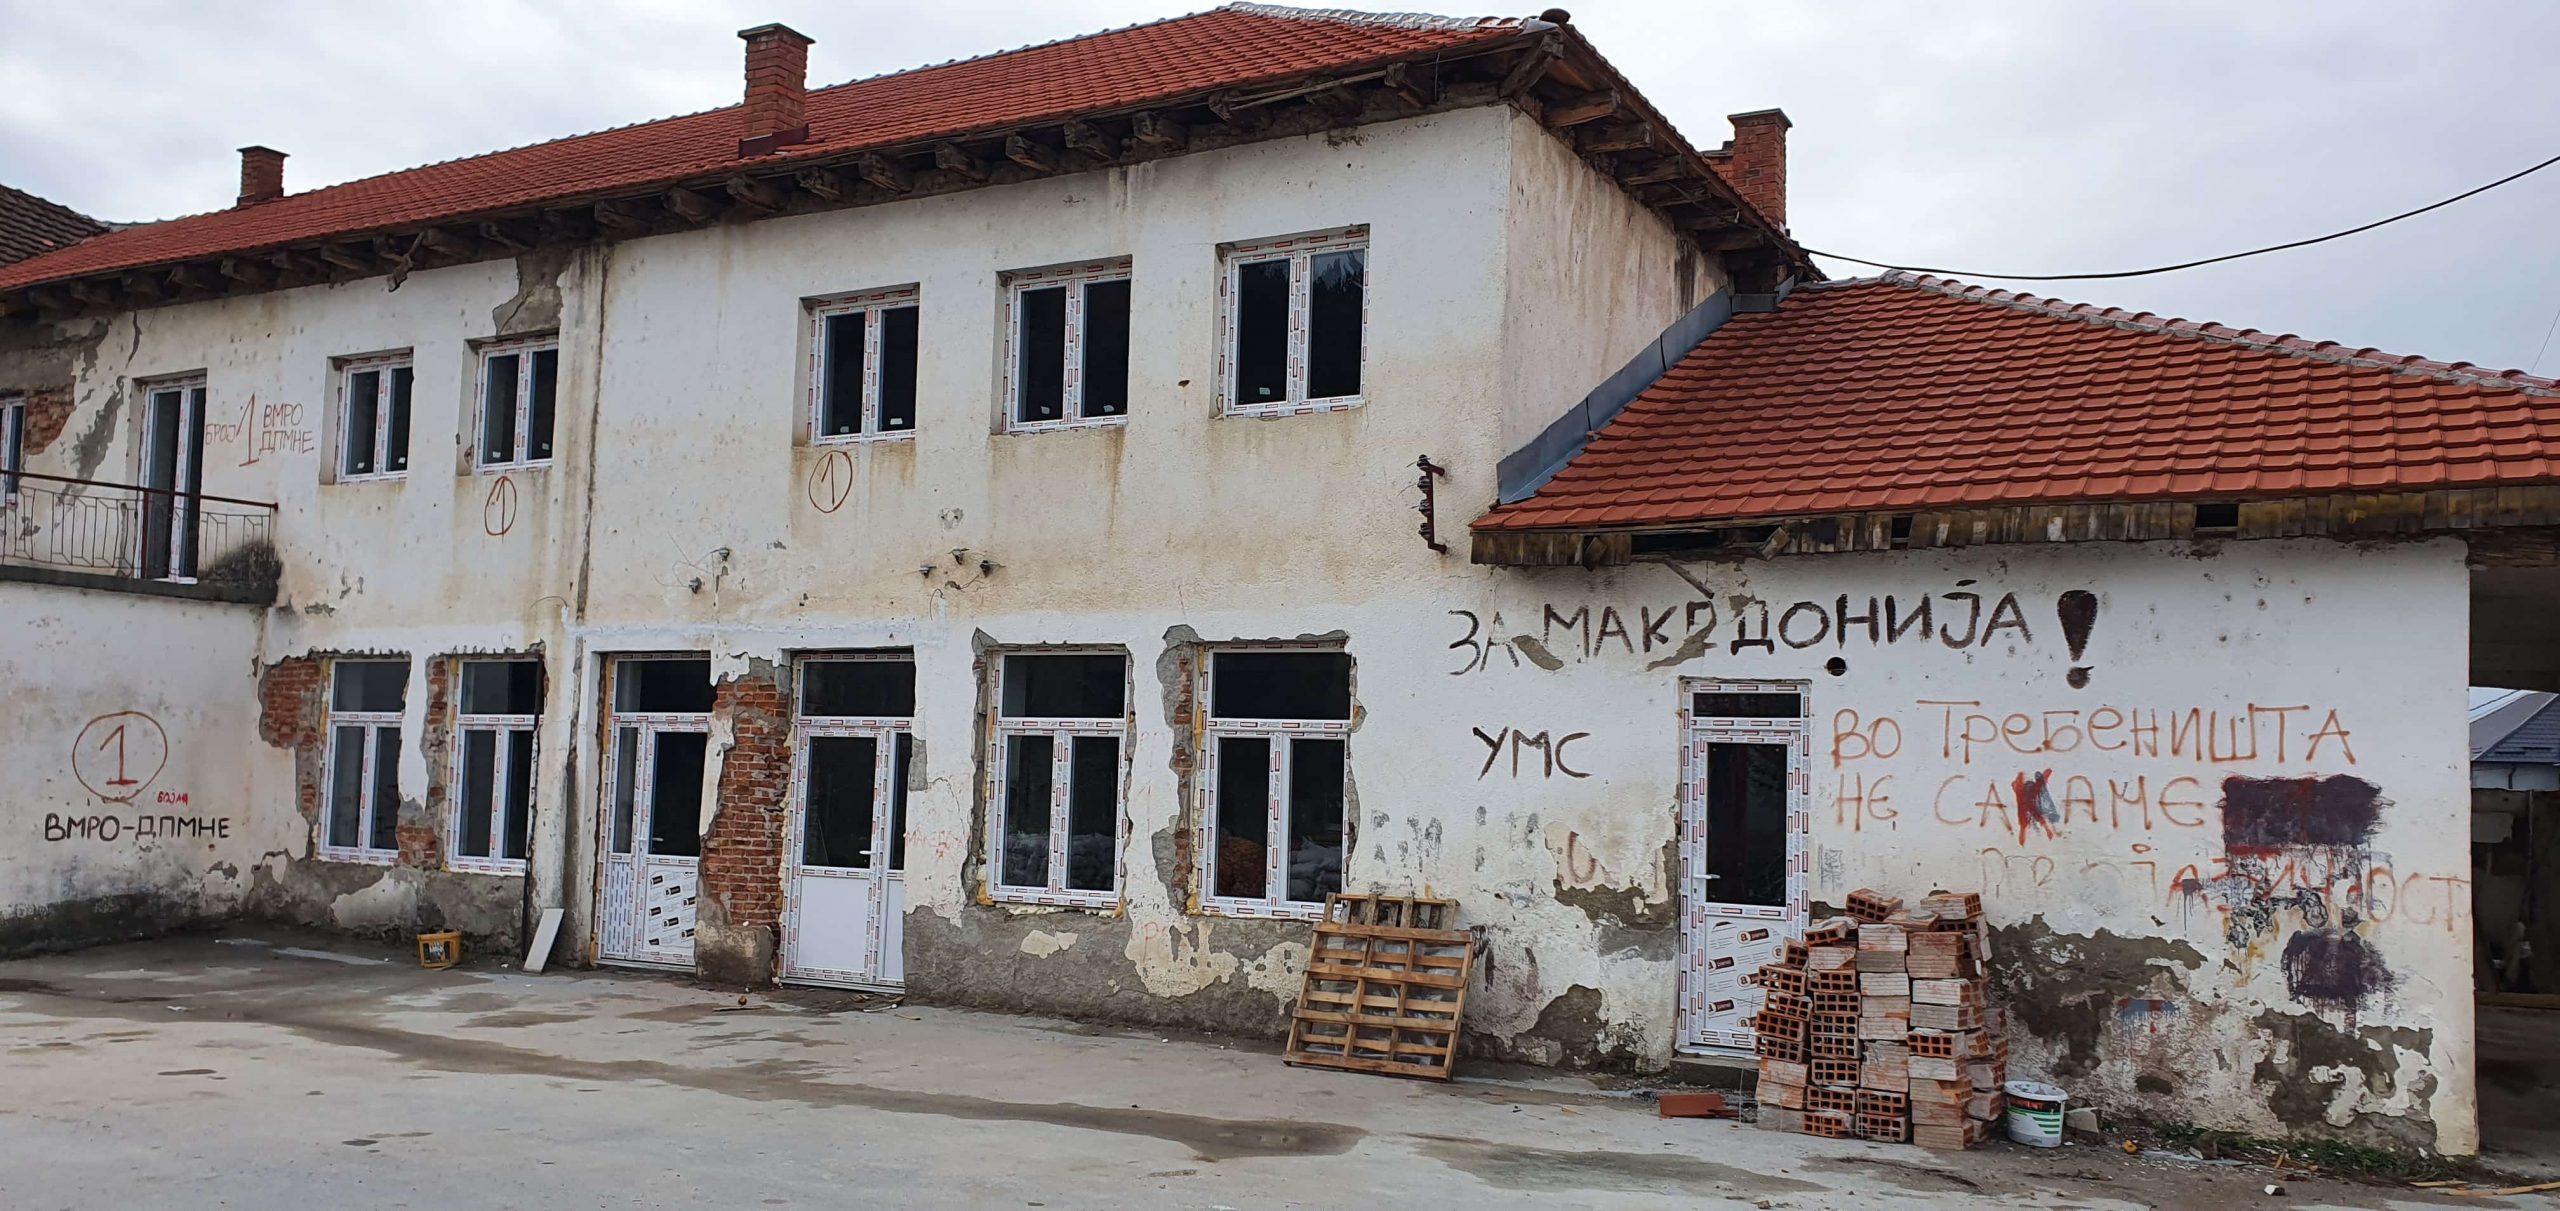 Успешно завршена првата фаза од реконструкцијата на Задружниот дом во село Требеништа